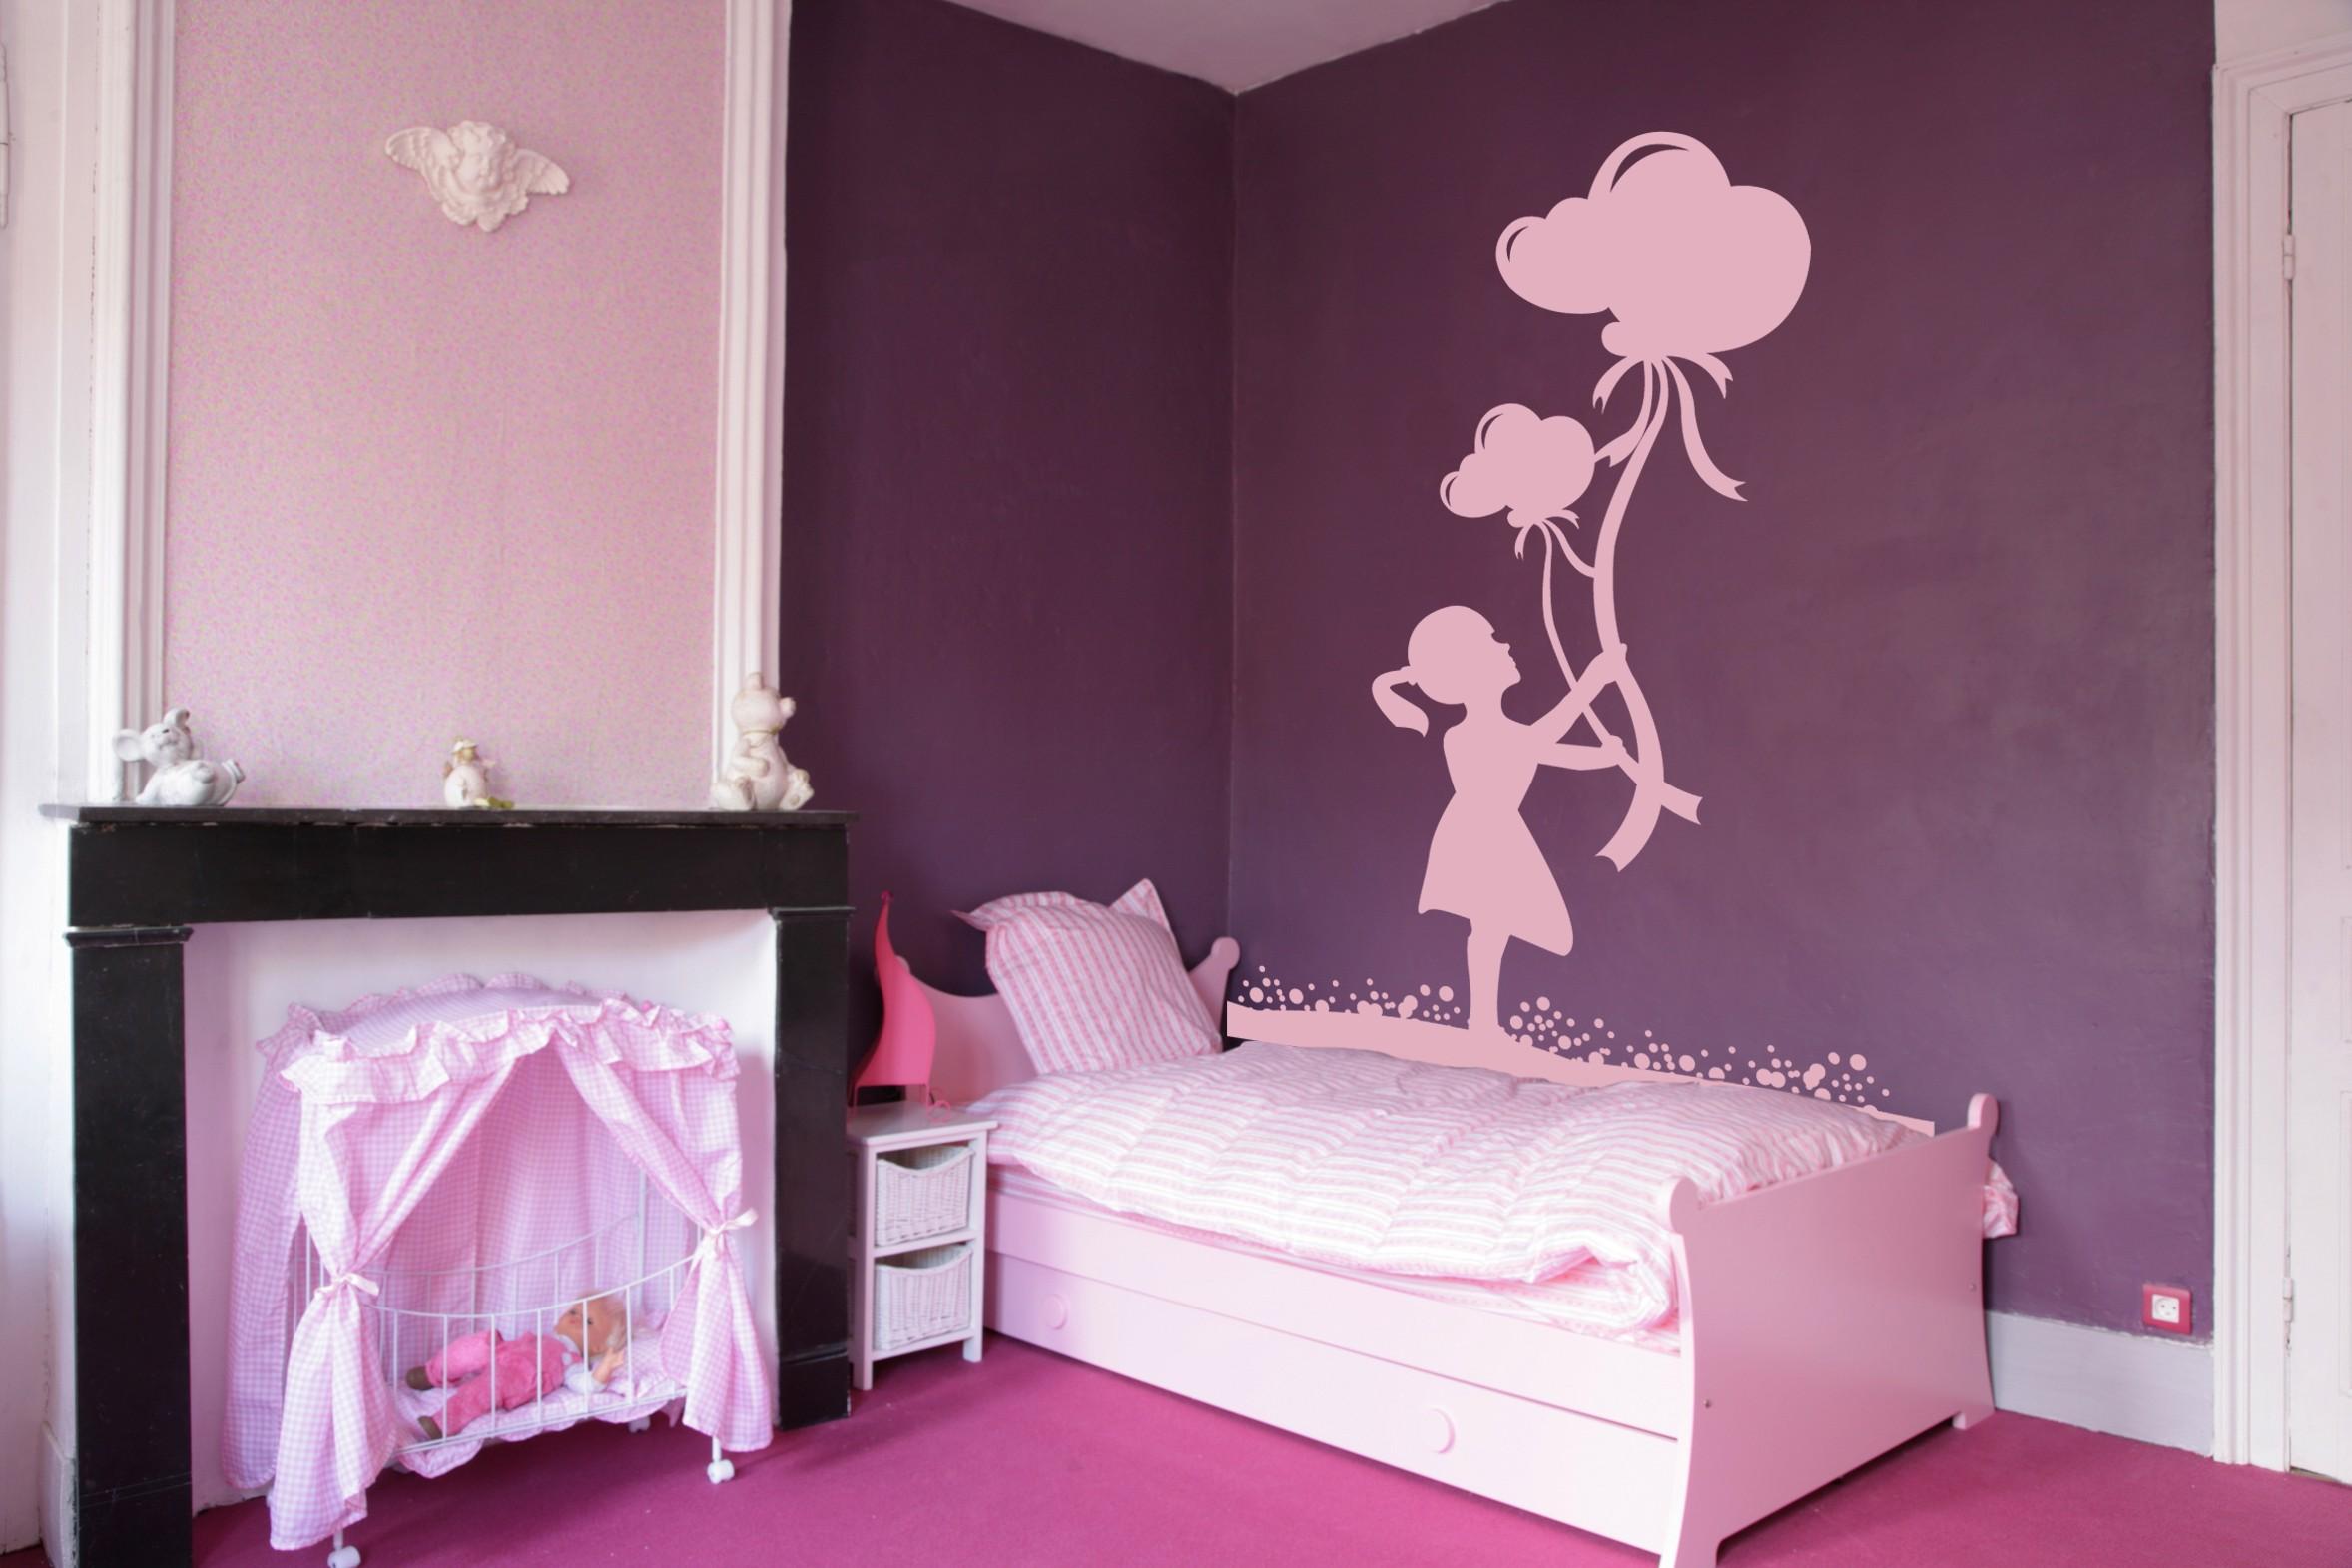 Deco Chambre Bebe Fille décoration chambre bébé fille papillon - chambre : idées de